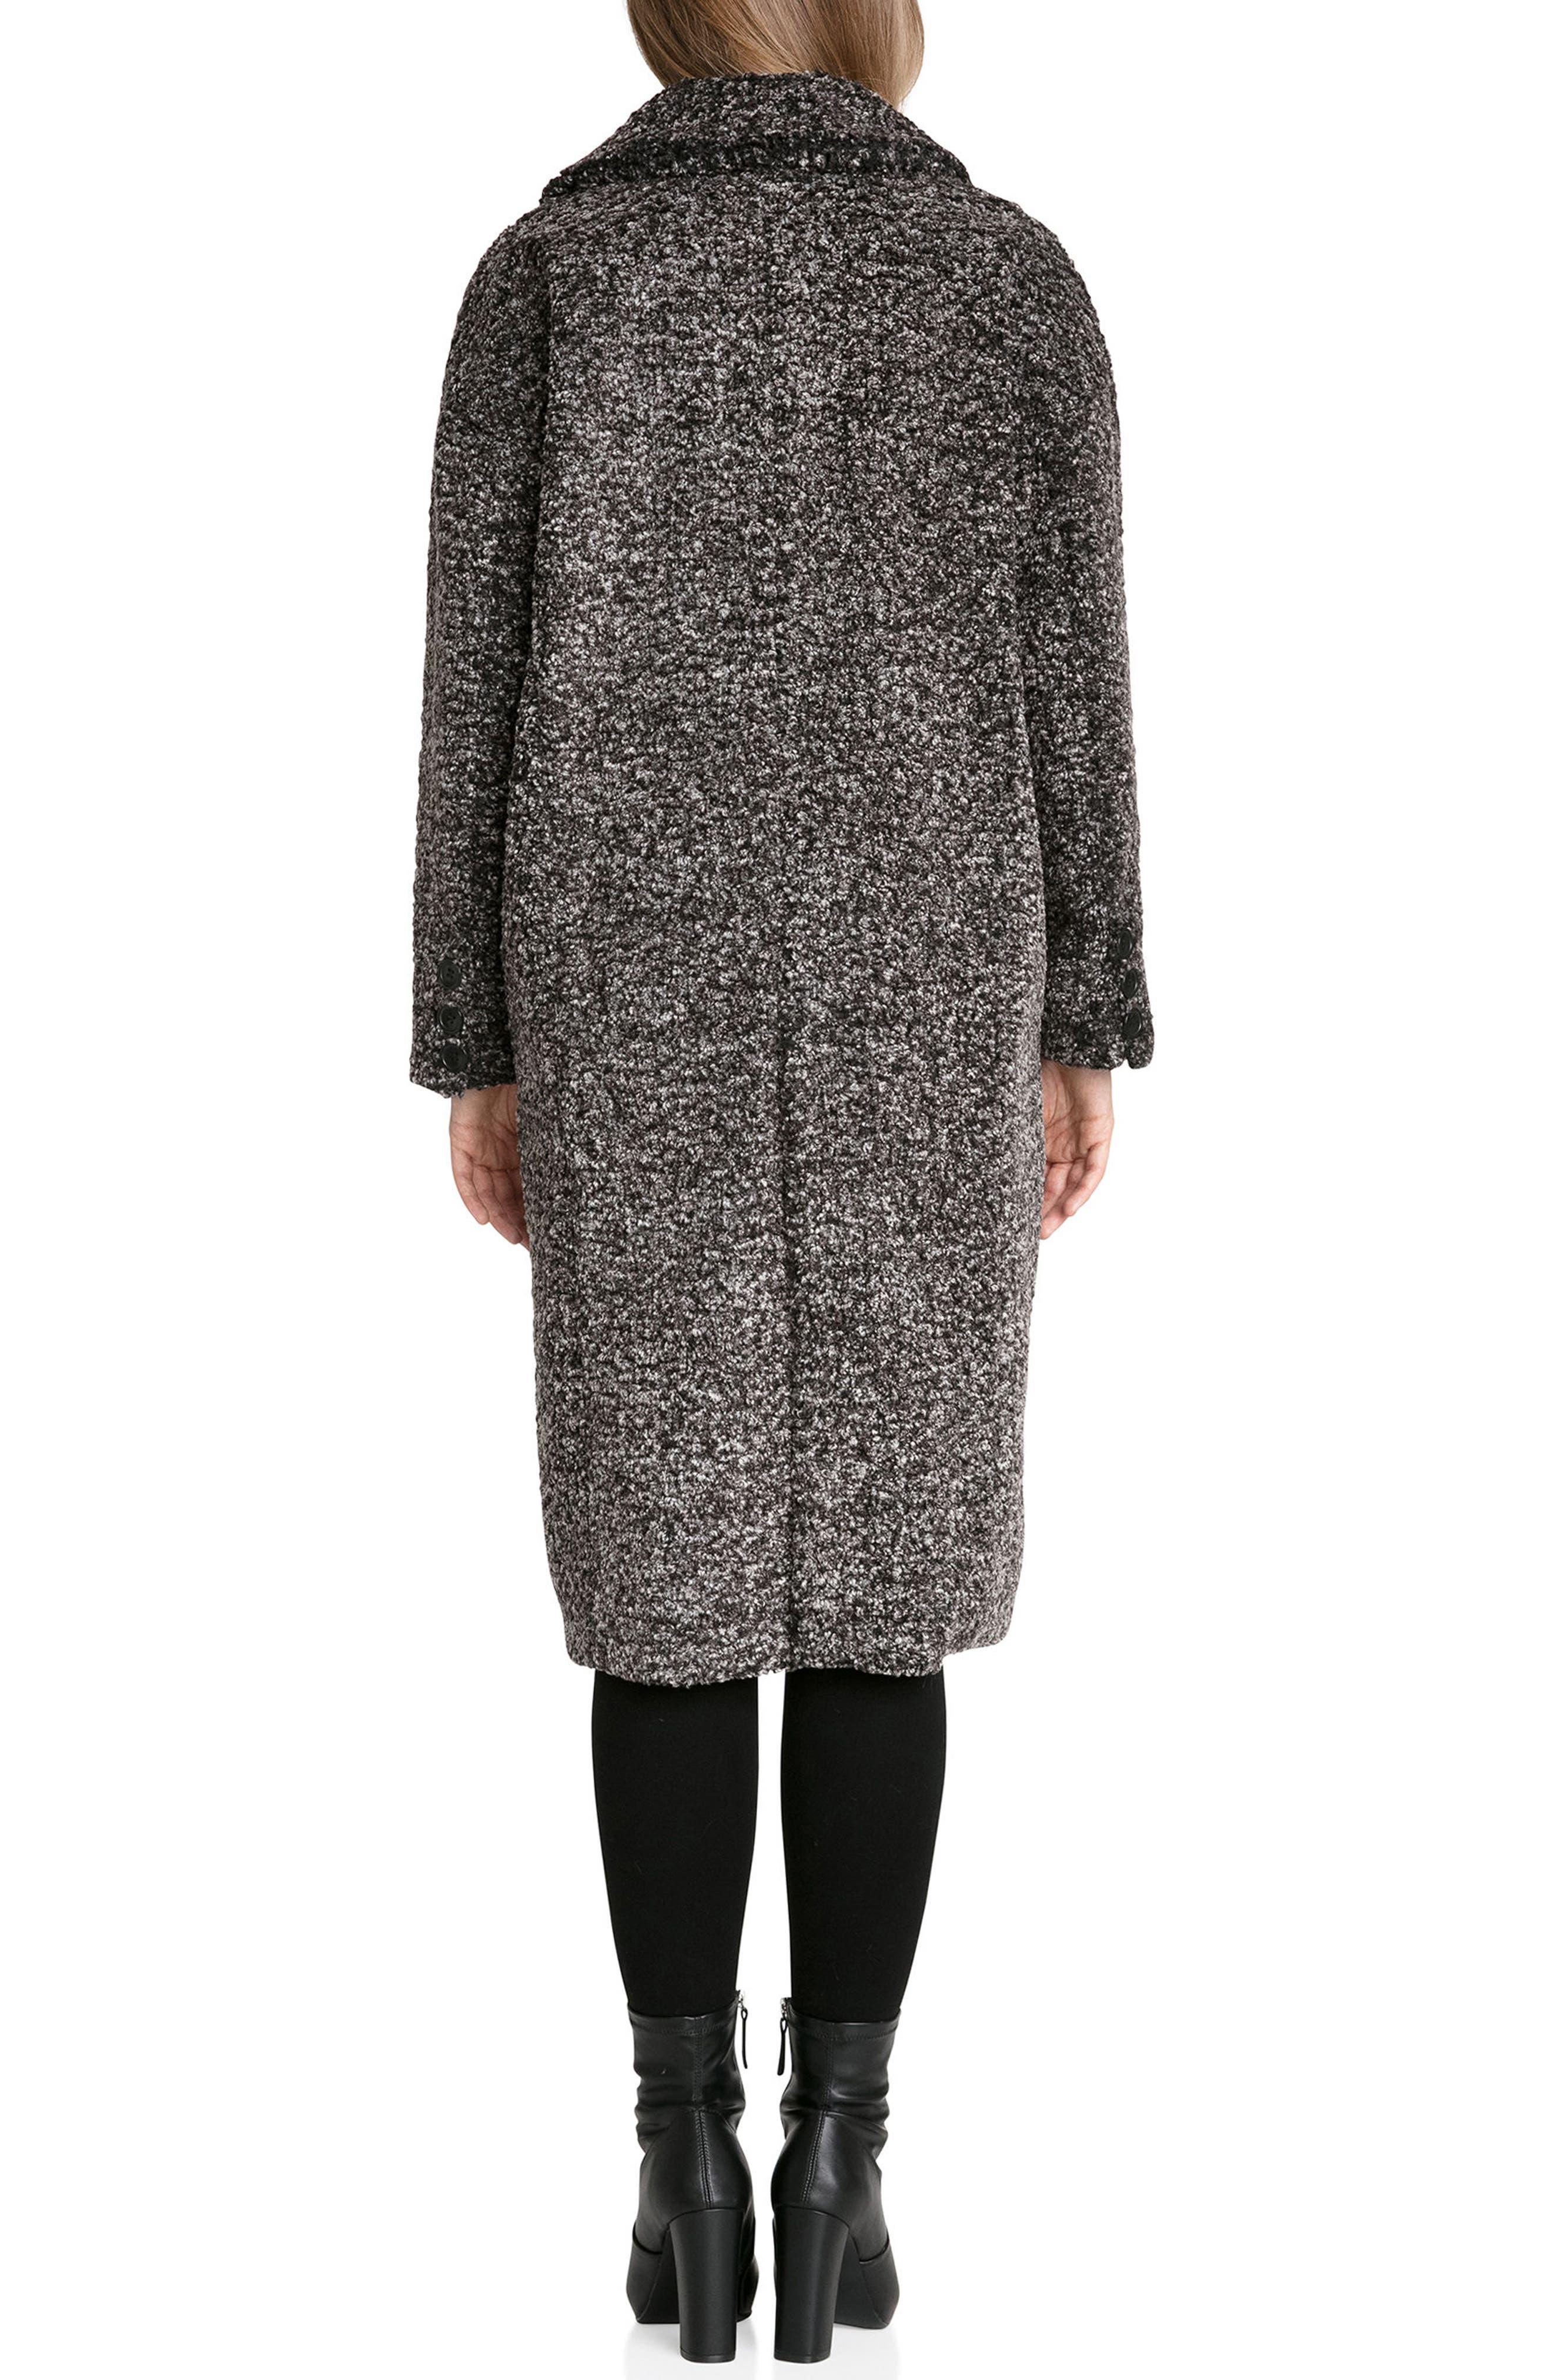 Fleece Bouclé Cocoon Coat,                             Alternate thumbnail 3, color,                             Black/ White Melange